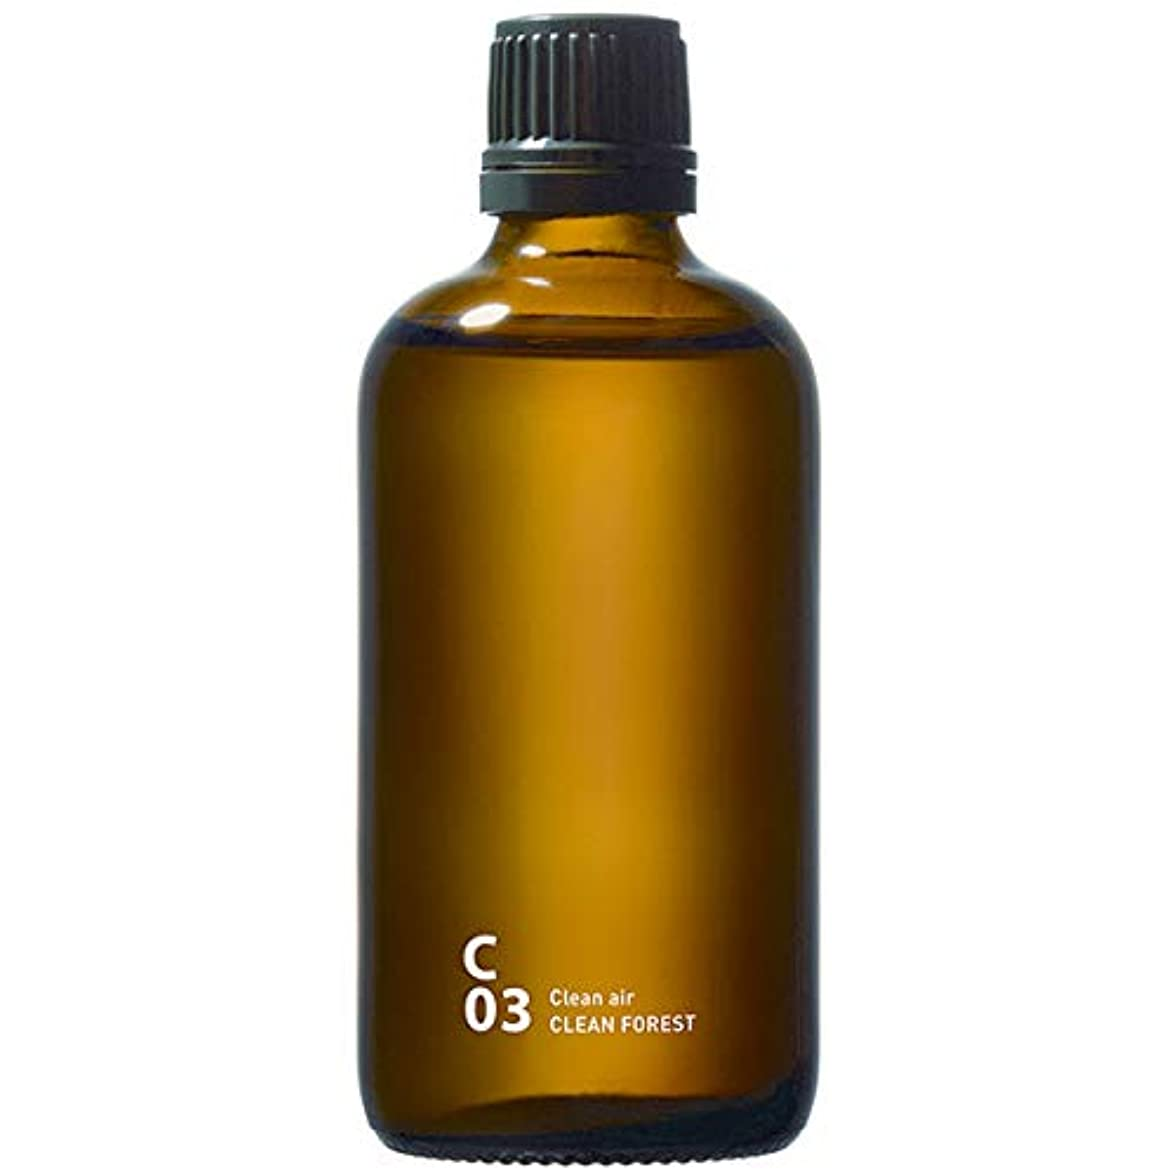 音レンディションゼロC03 CLEAN FOREST piezo aroma oil 100ml